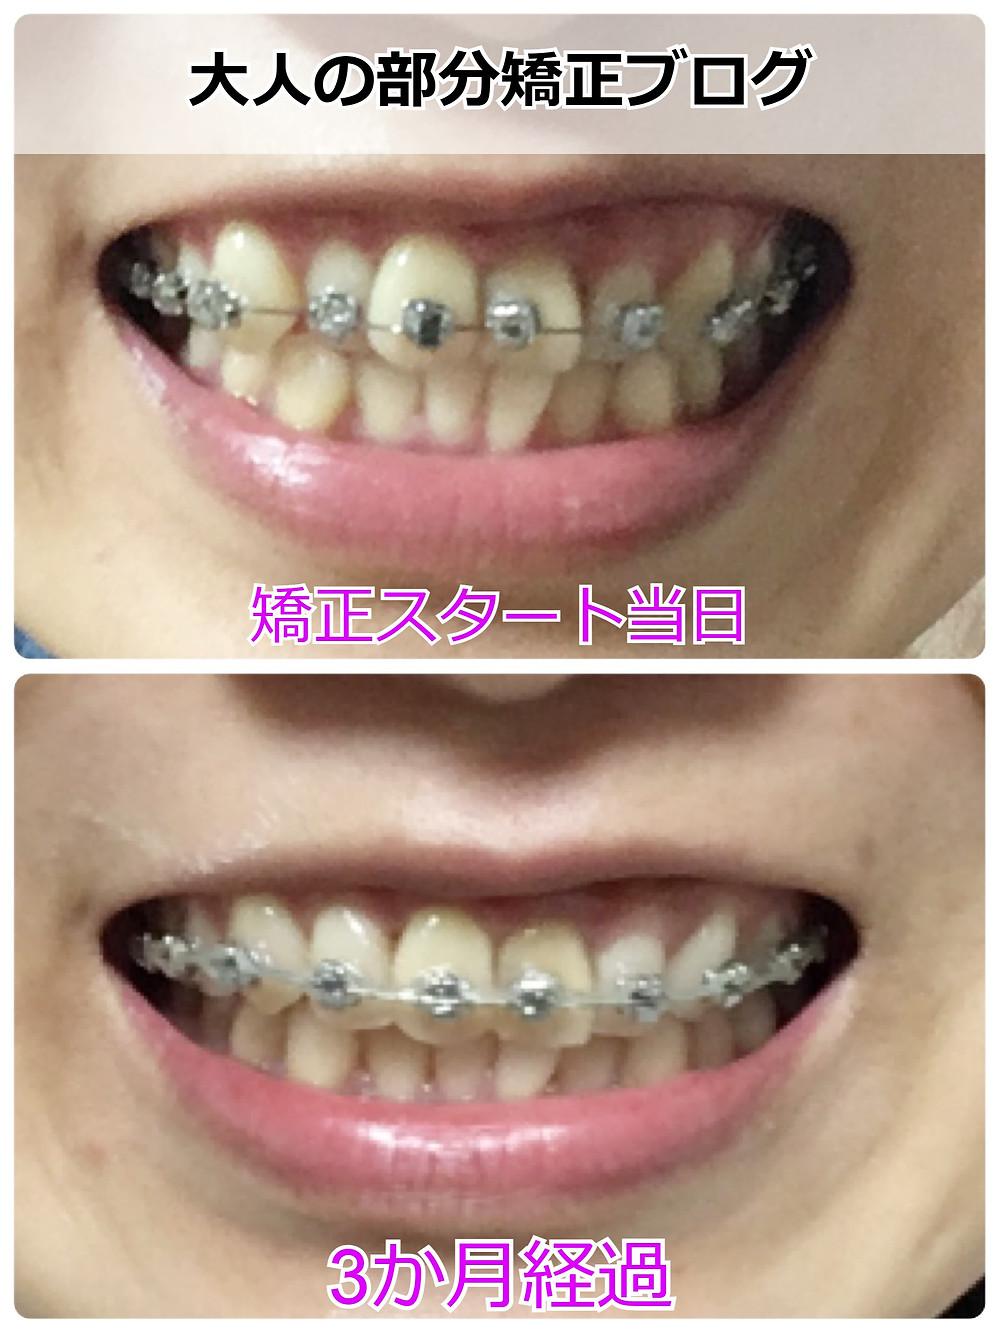 八重歯の部分矯正を始めて3か月後の歯並び【正面】